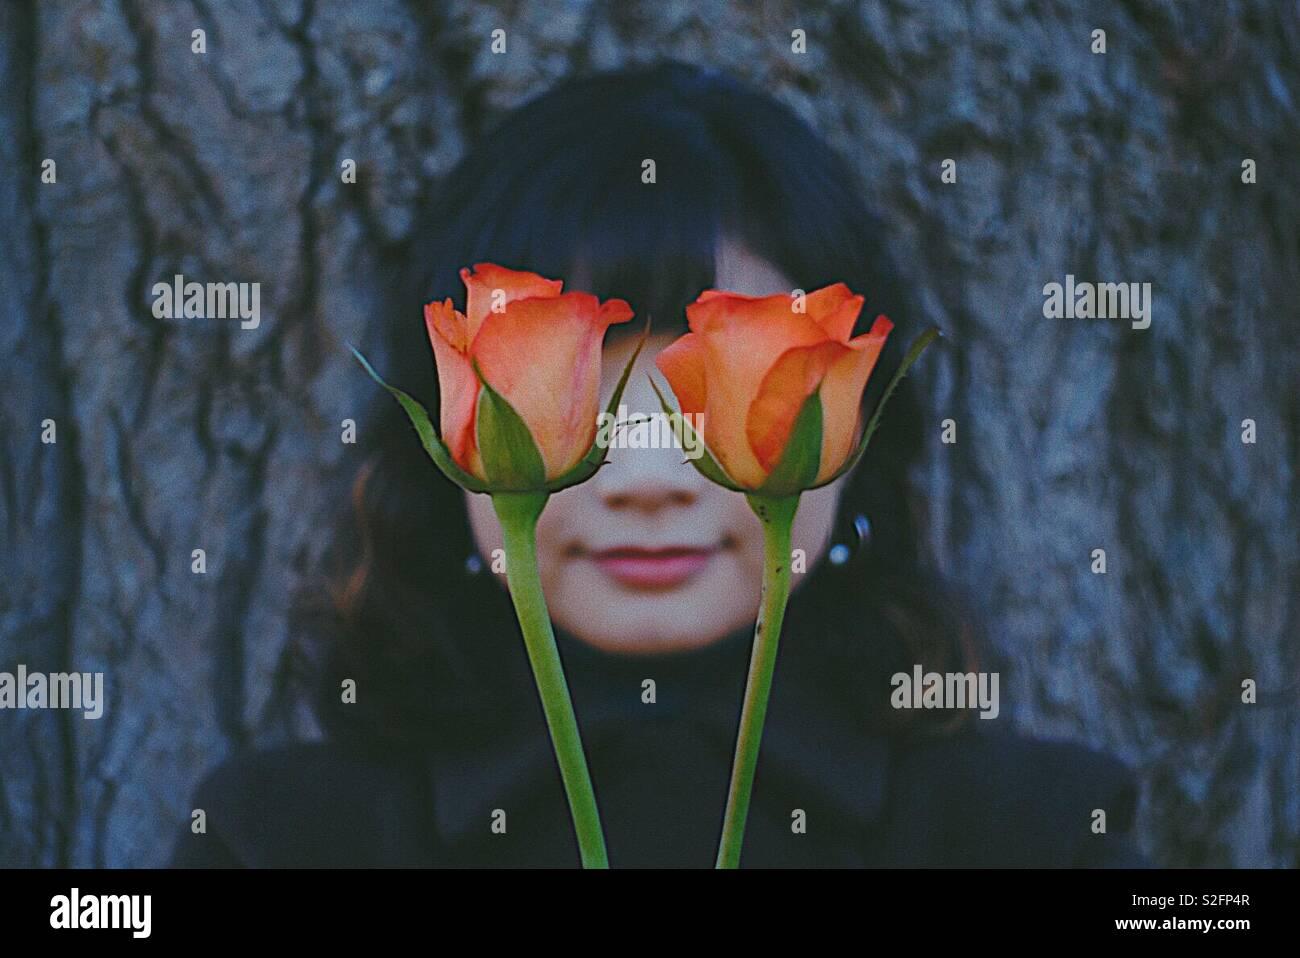 Ein Mädchen mit Rosen. Stockfoto